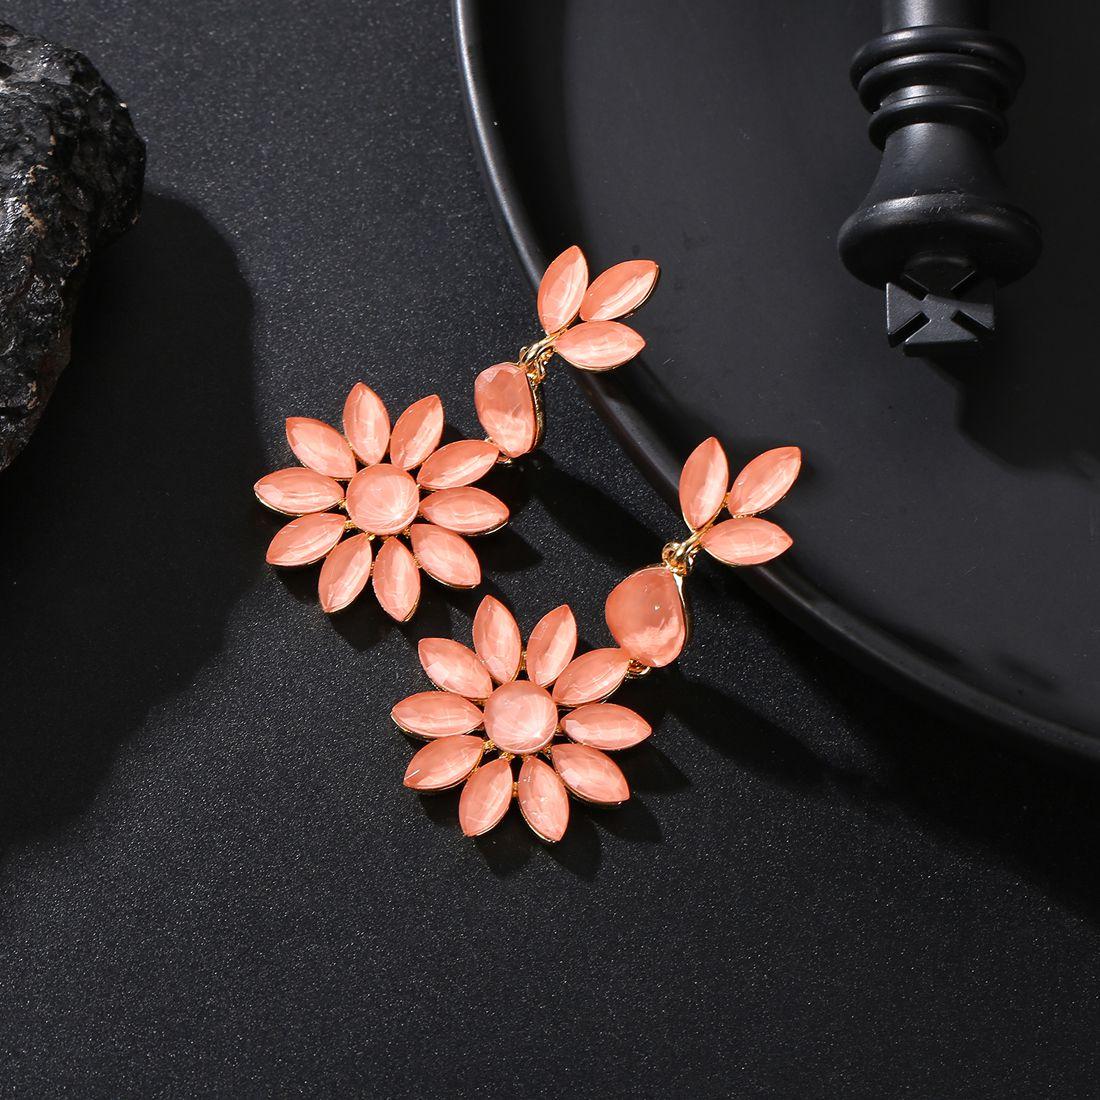 Jewels Galaxy Elegant Crystal Floral Design Swanky Drop Earrings For Women/Girls